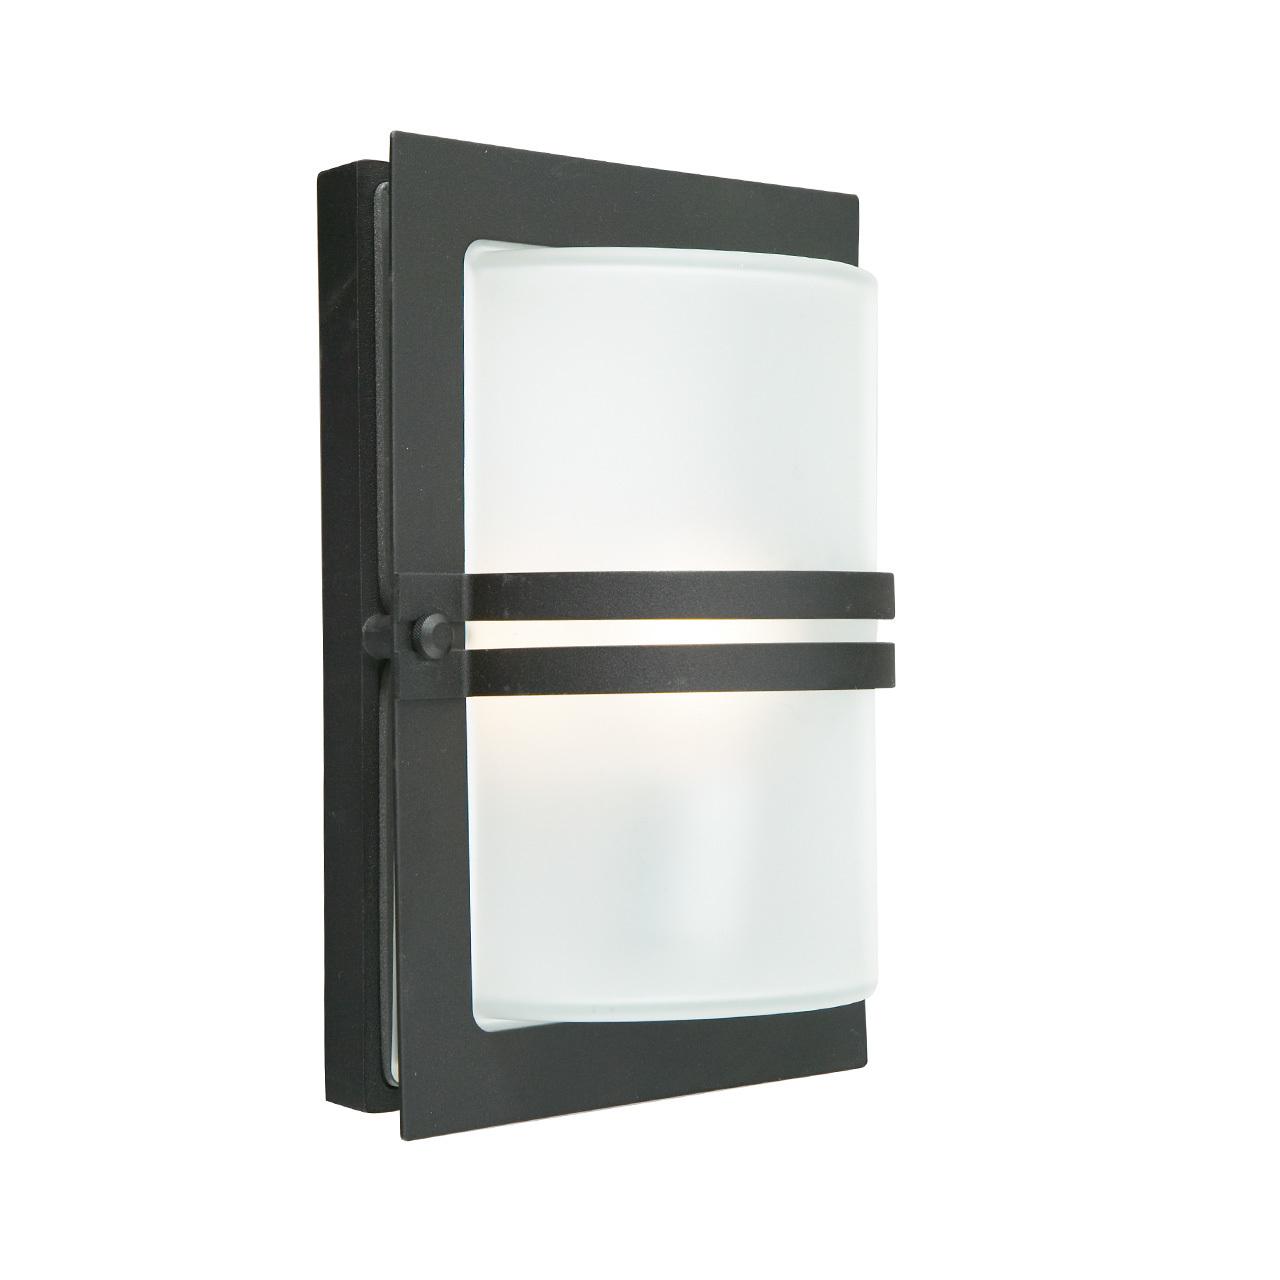 Lampa ścienna BASEL LED 681B -Norlys  SPRAWDŹ RABATY  5-10-15-20 % w koszyku